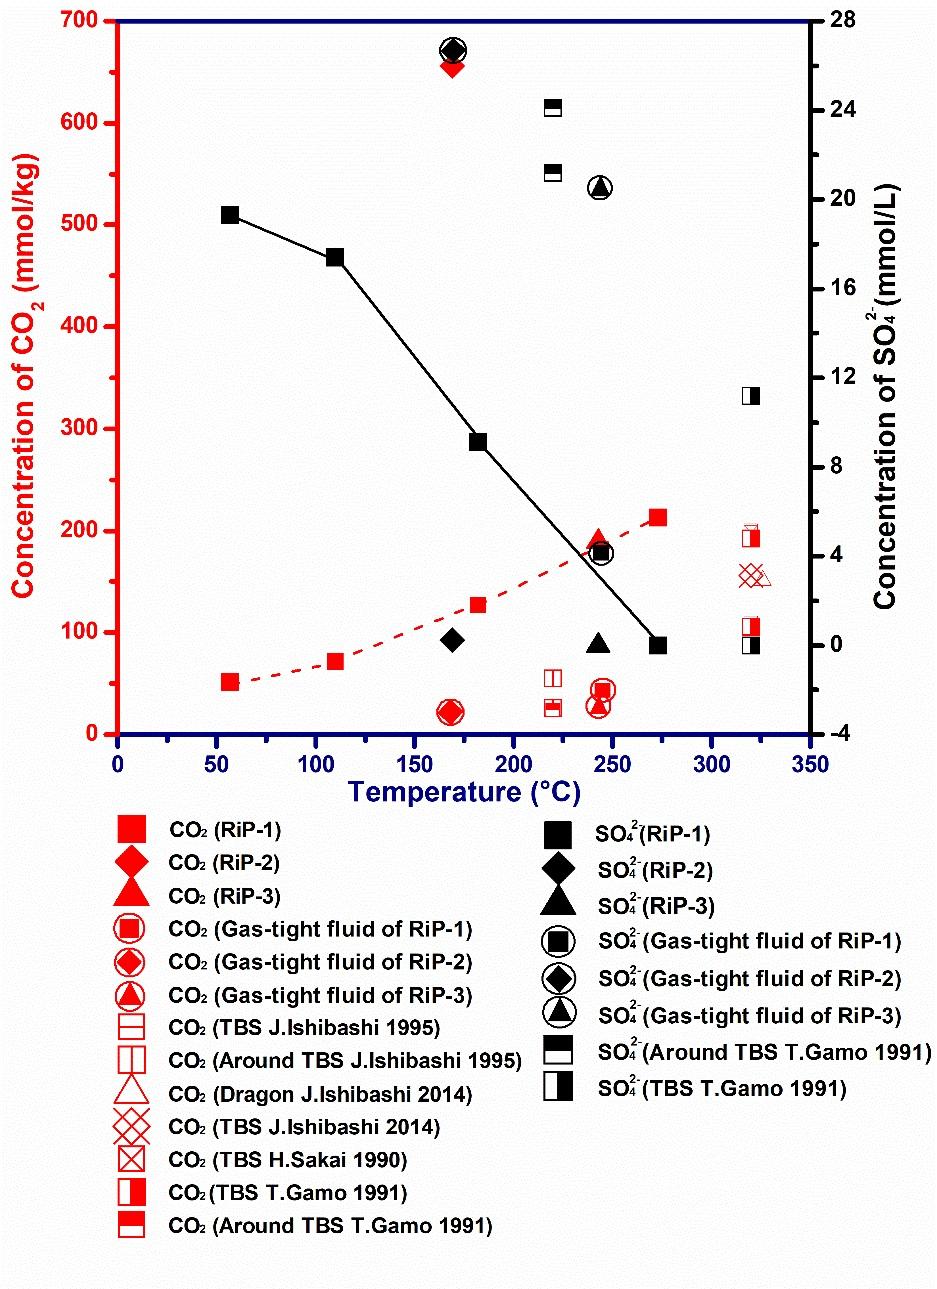 深海热液系统作为20世纪地球科学重大发现,沟通了不同圈层之间的物质能量交换。近年来,高温热液喷口流体理化性质及其对大洋环境影响已成为热液活动新的研究热点。温度、压力变化以及海水混入的影响会明显改变热液喷口流体的化学成分或浓度,尽管科学家使用保真取样方法进行实验室分析取得了较为贴近的数据,但由于取样方法的限制而一直无法获取高温热液喷口内流体的准确样本,造成分析数据与实际仍有明显差异。研究团队攻克了光学镜头耐高温和高浓度颗粒附着对光学系统的影响等国际技术难题,成功研制出国际首台耐高温(450oC)的热液流体拉